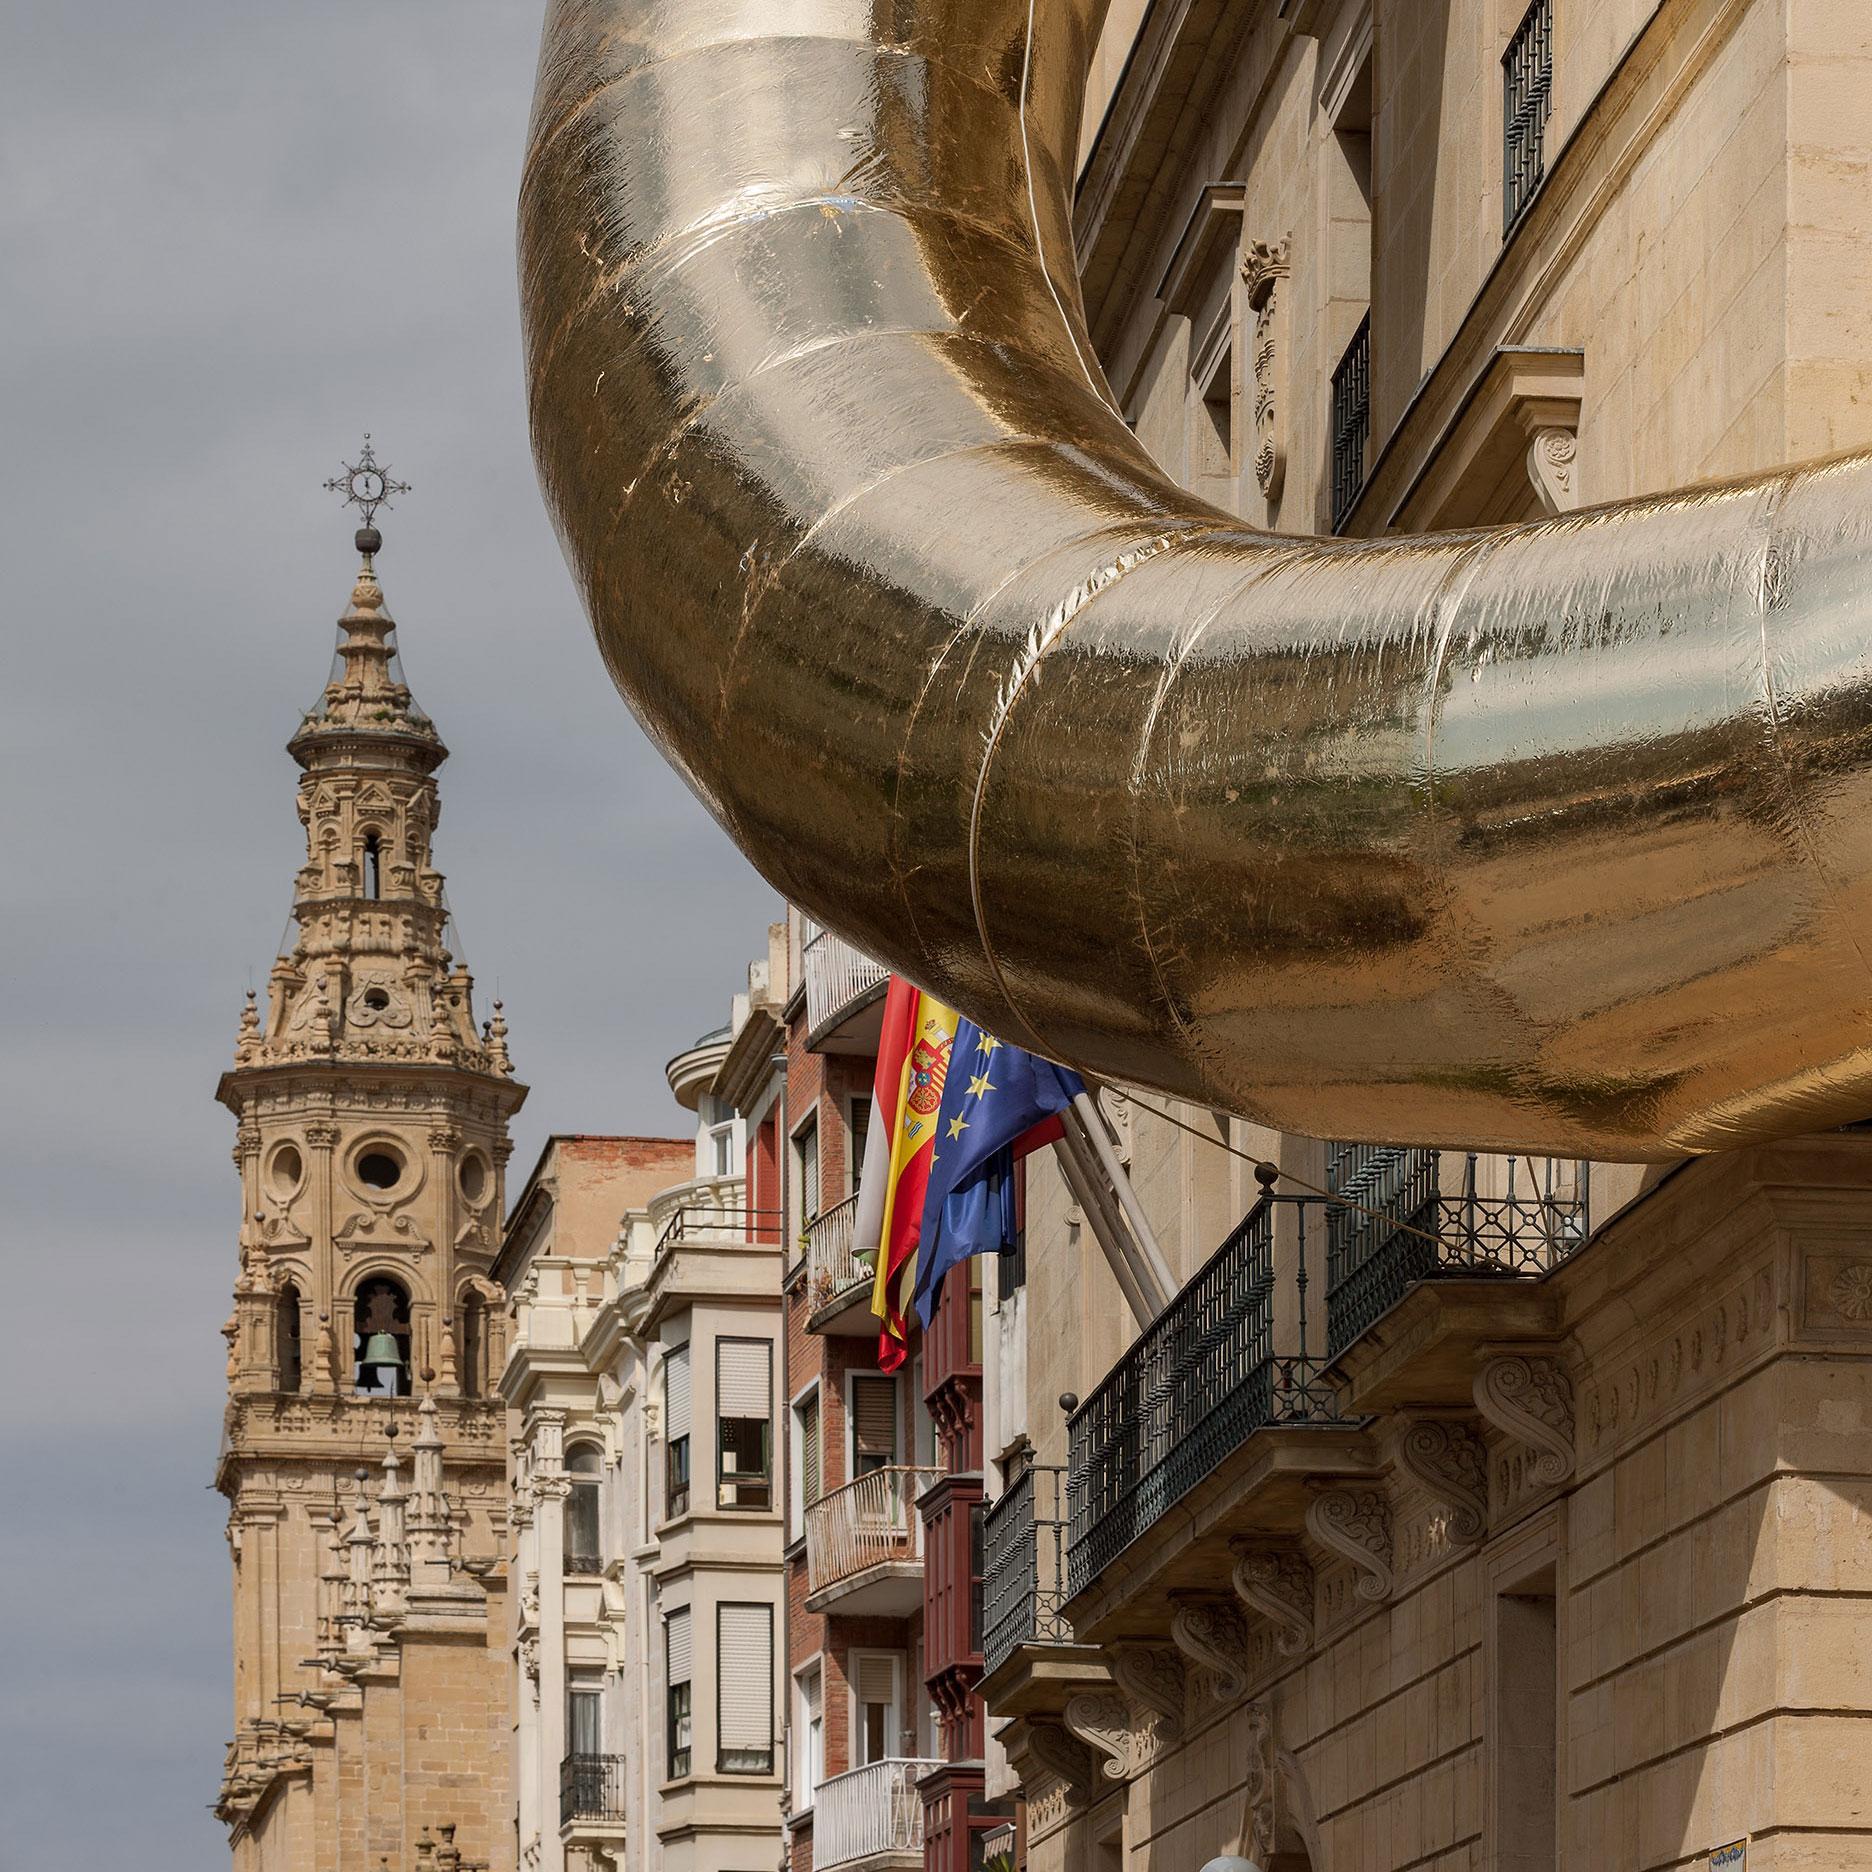 Ring de Luxe by Plastique Fantastique. Edificio Instituto Estudios Riojanos. Concéntrico 04. Photography by Josema Cutillas. Image courtesy of Concéntrico